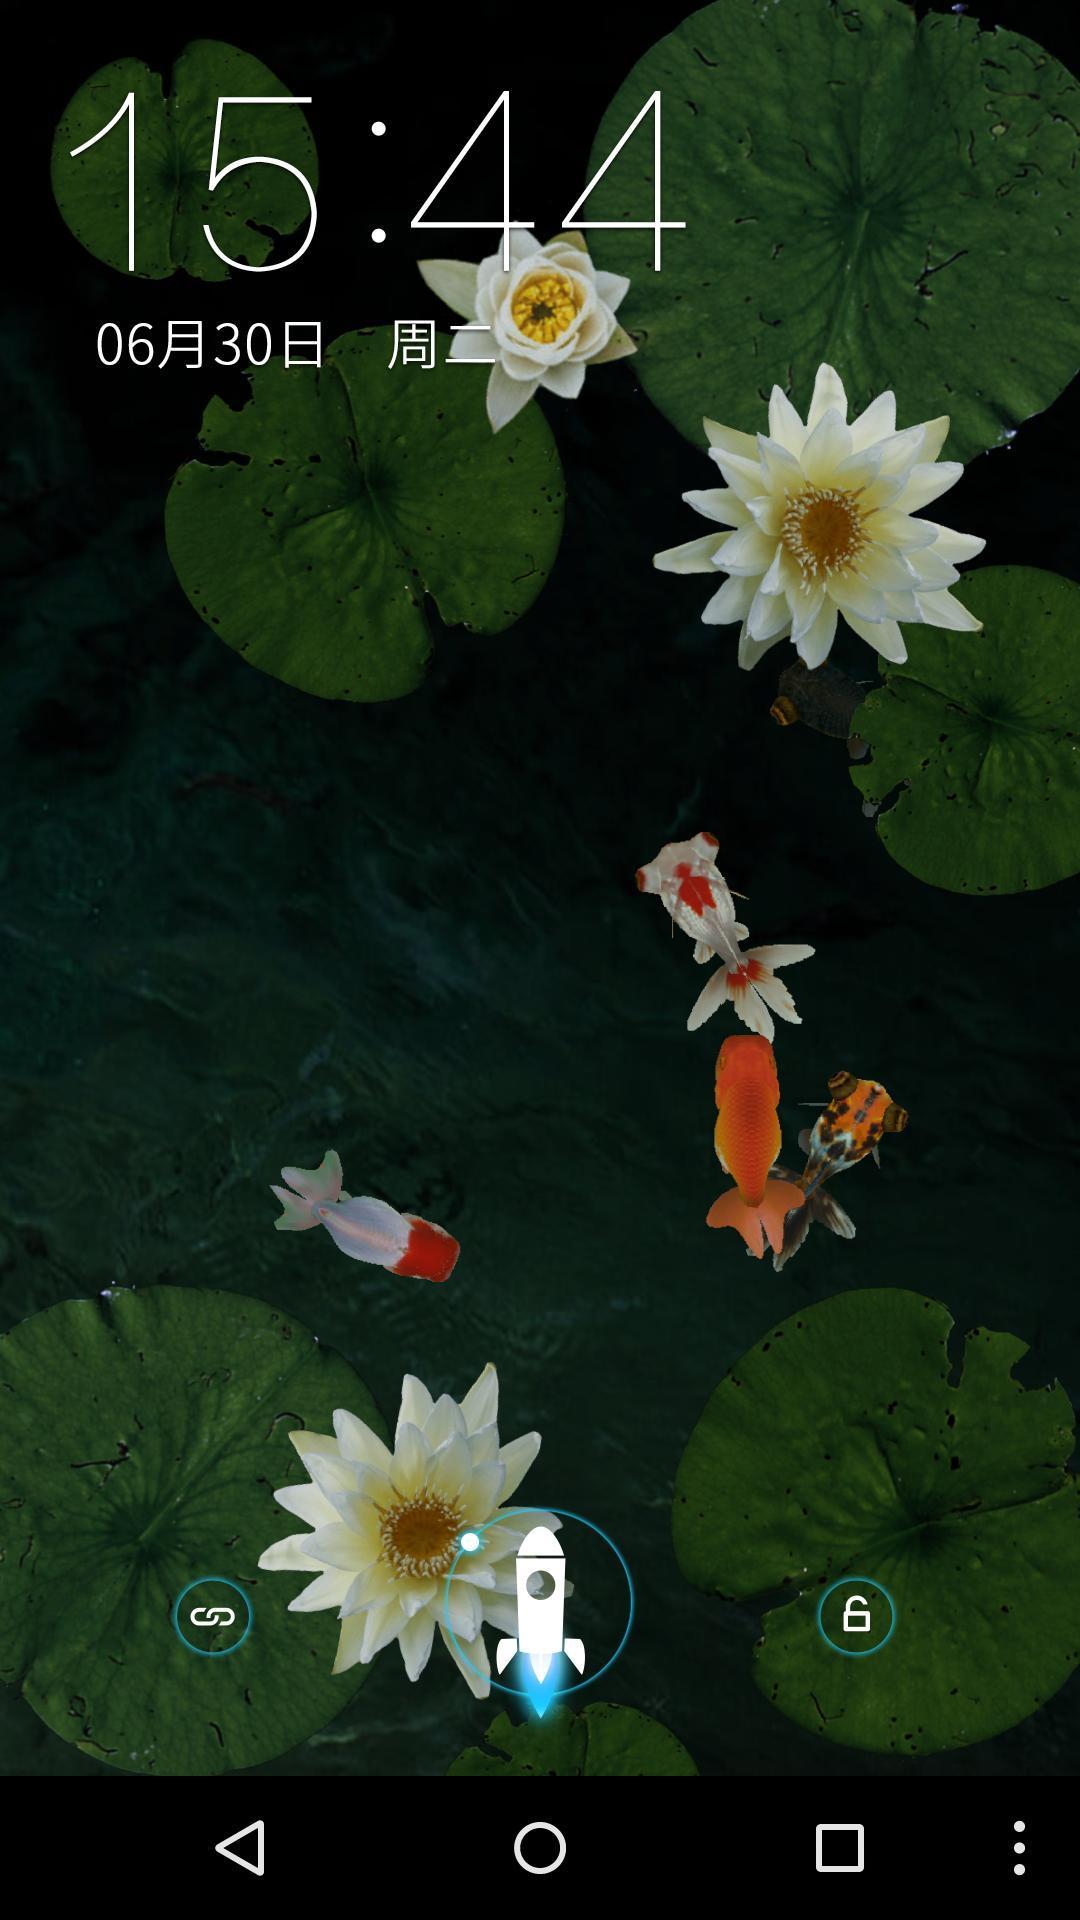 3D池塘里的金鱼 梦象动态壁